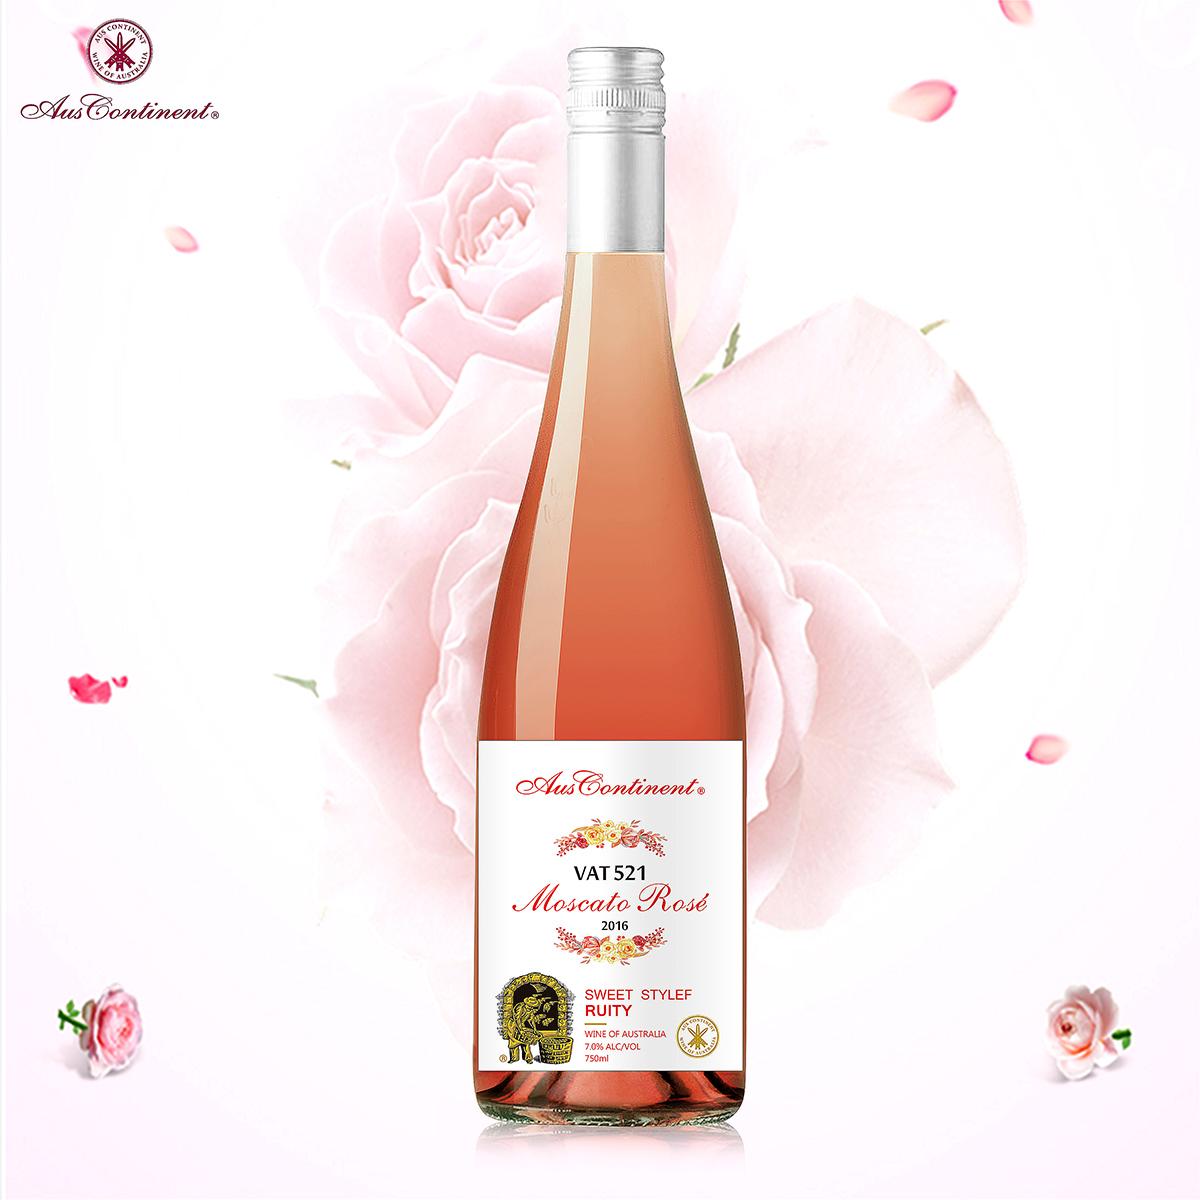 澳大利亚南澳产区澳洲大陆酒庄麝香VAT521 莫斯卡特粉红微起泡酒